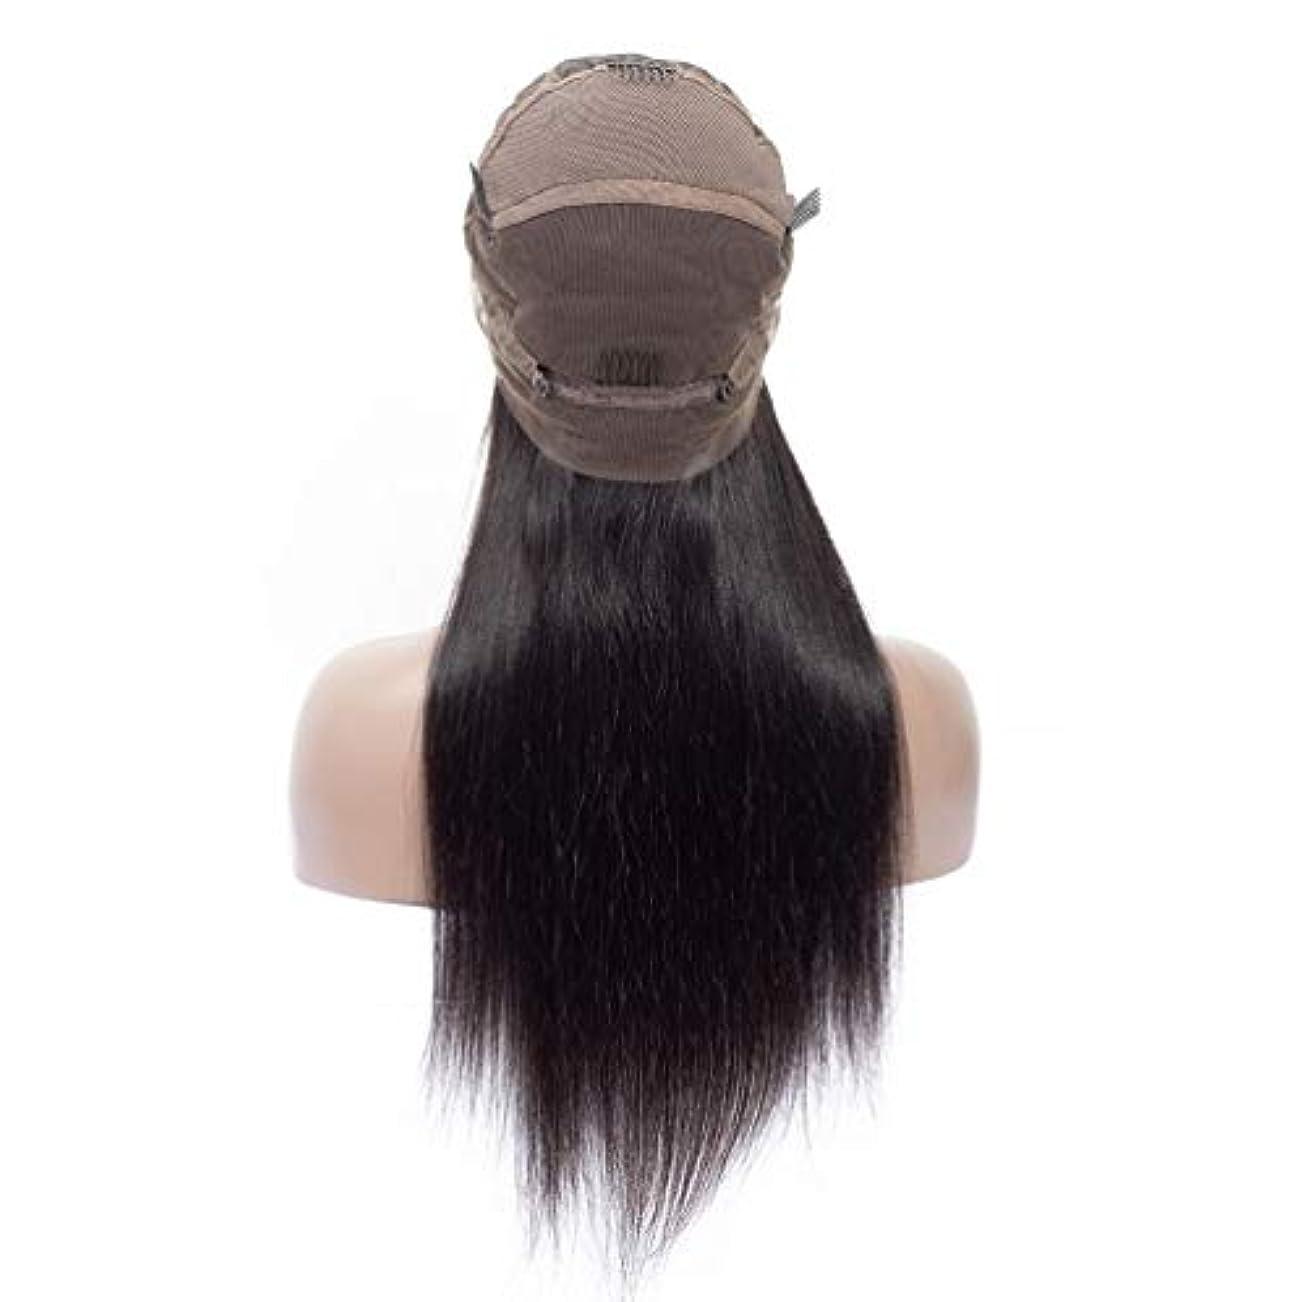 オークション将来のごめんなさいかつらの女性150%の密度の毛のブラジル人のRemyの人間の毛髪のまっすぐな毛のかつらの赤ん坊の毛